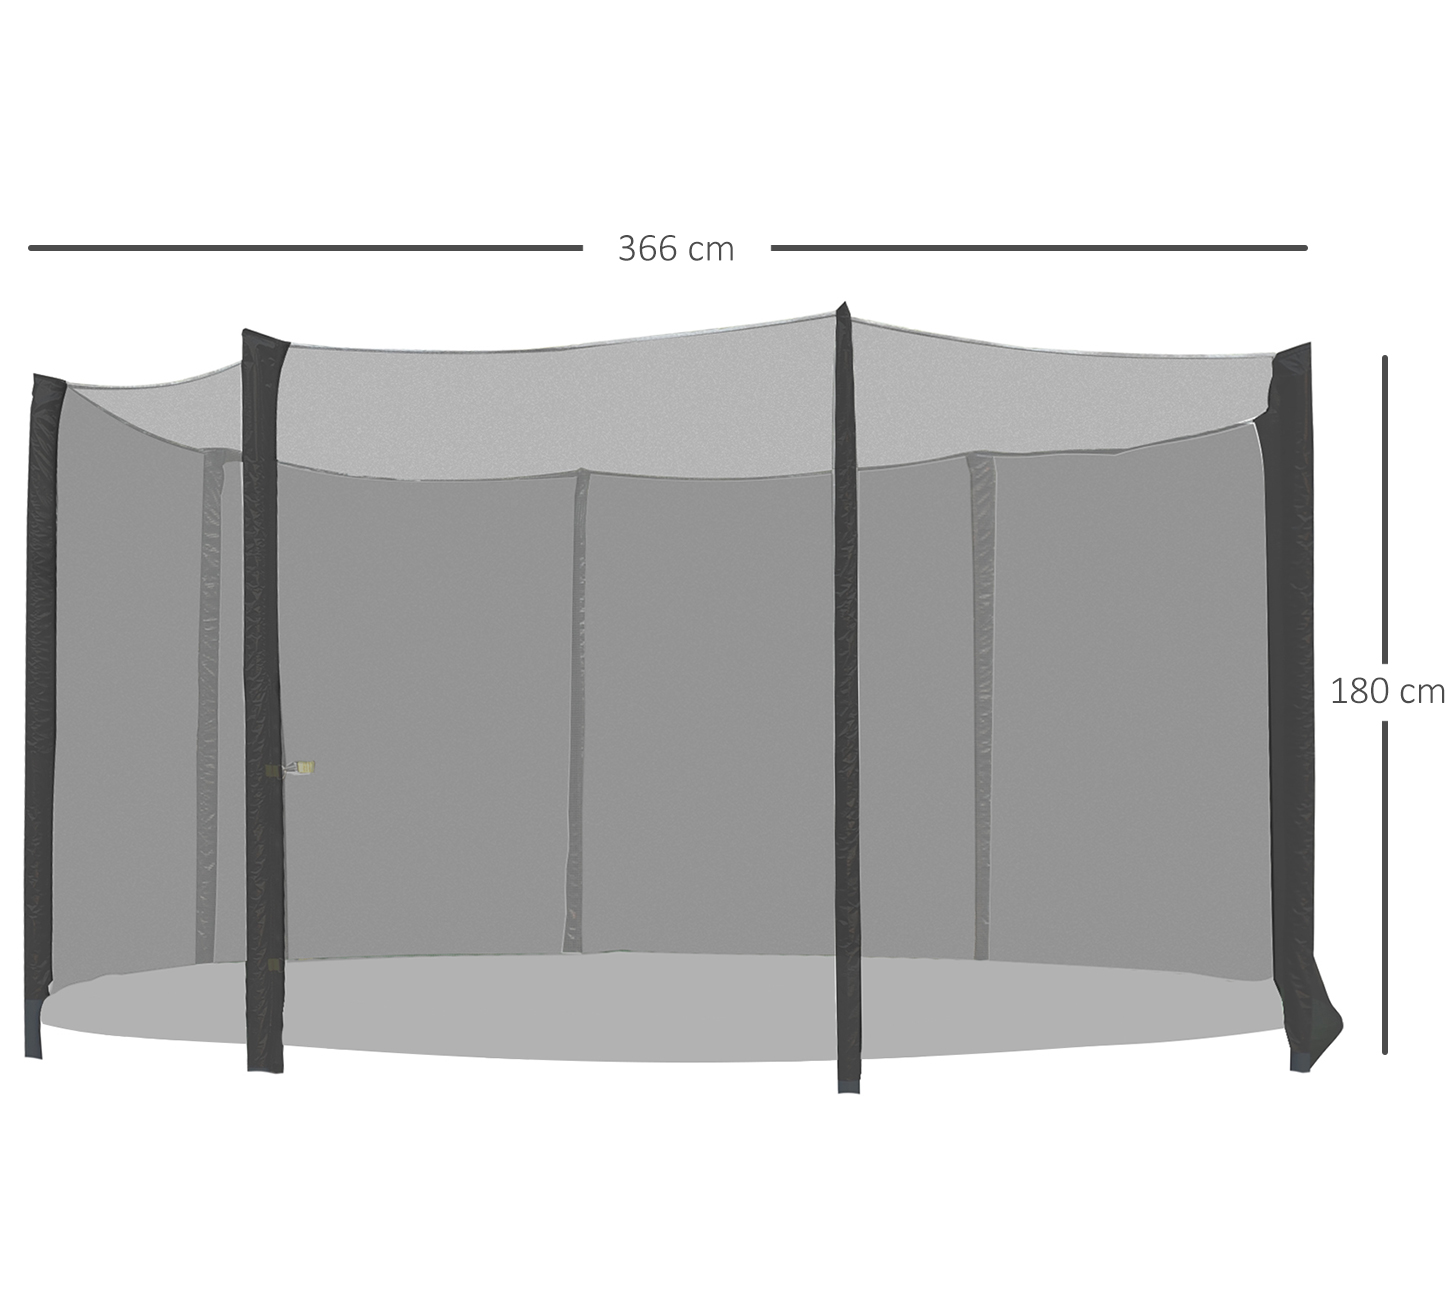 Red-de-Seguridad-Pared-Protectora-Cama-Elastica-Trampolin-Redonda-6-8-10-Barras miniatura 25